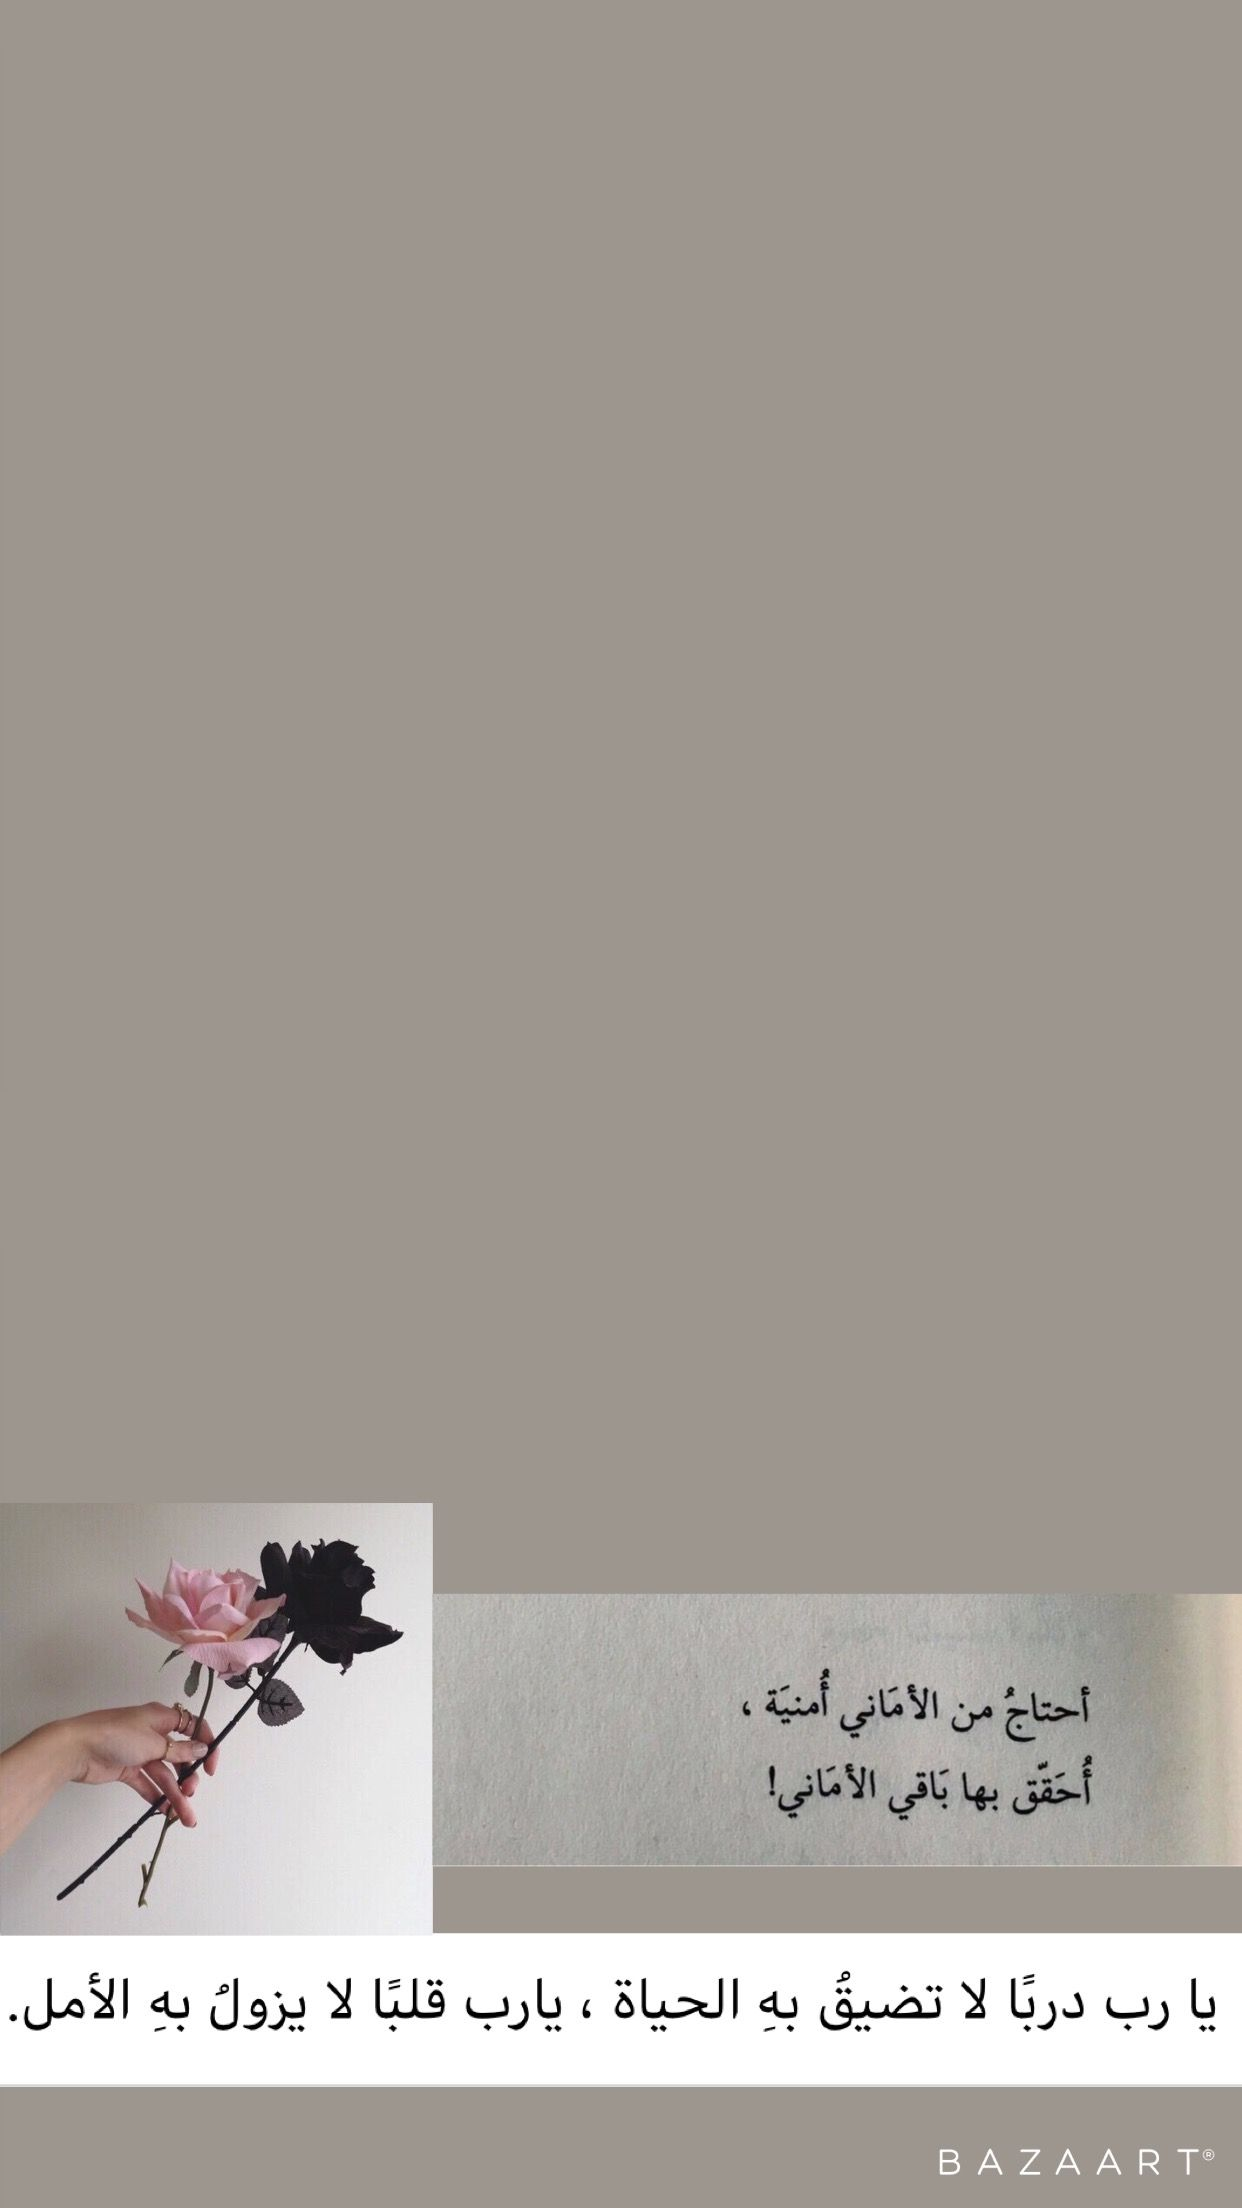 خلفيه خلفيات ايفون Floral Wallpaper Phone Iphone Wallpaper Tumblr Aesthetic Pink Flowers Wallpaper